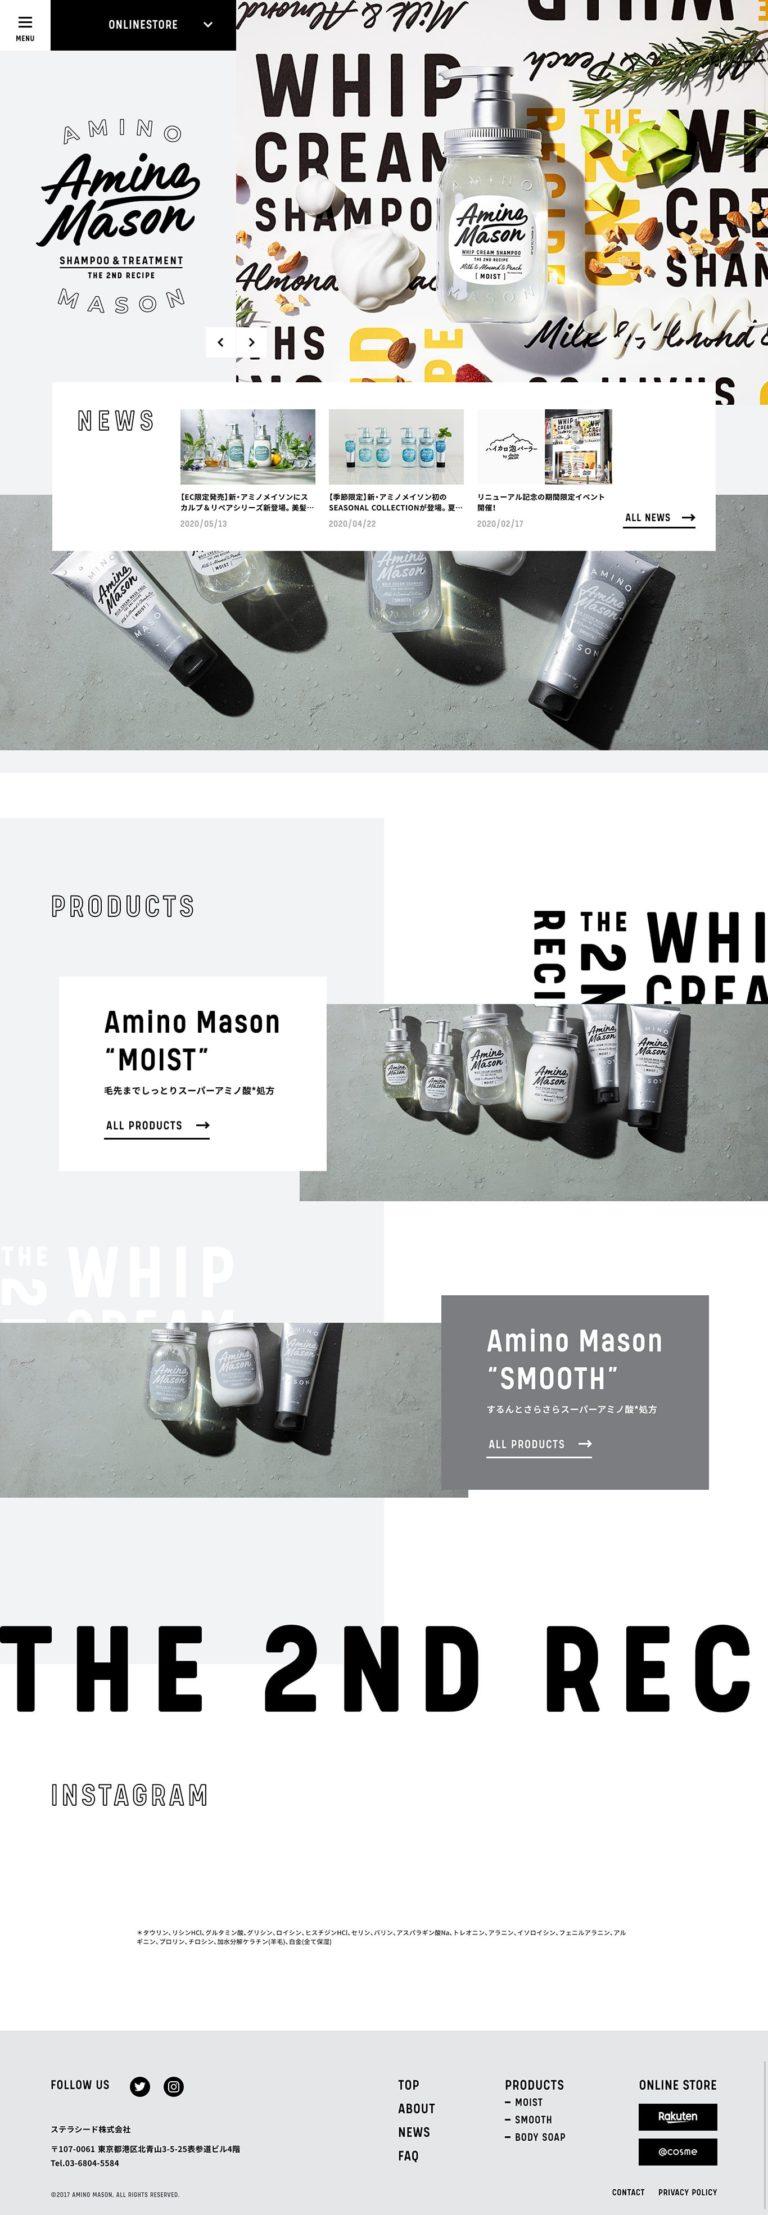 【公式】Amino mason(アミノメイソン)| キレイのレシピ第2弾